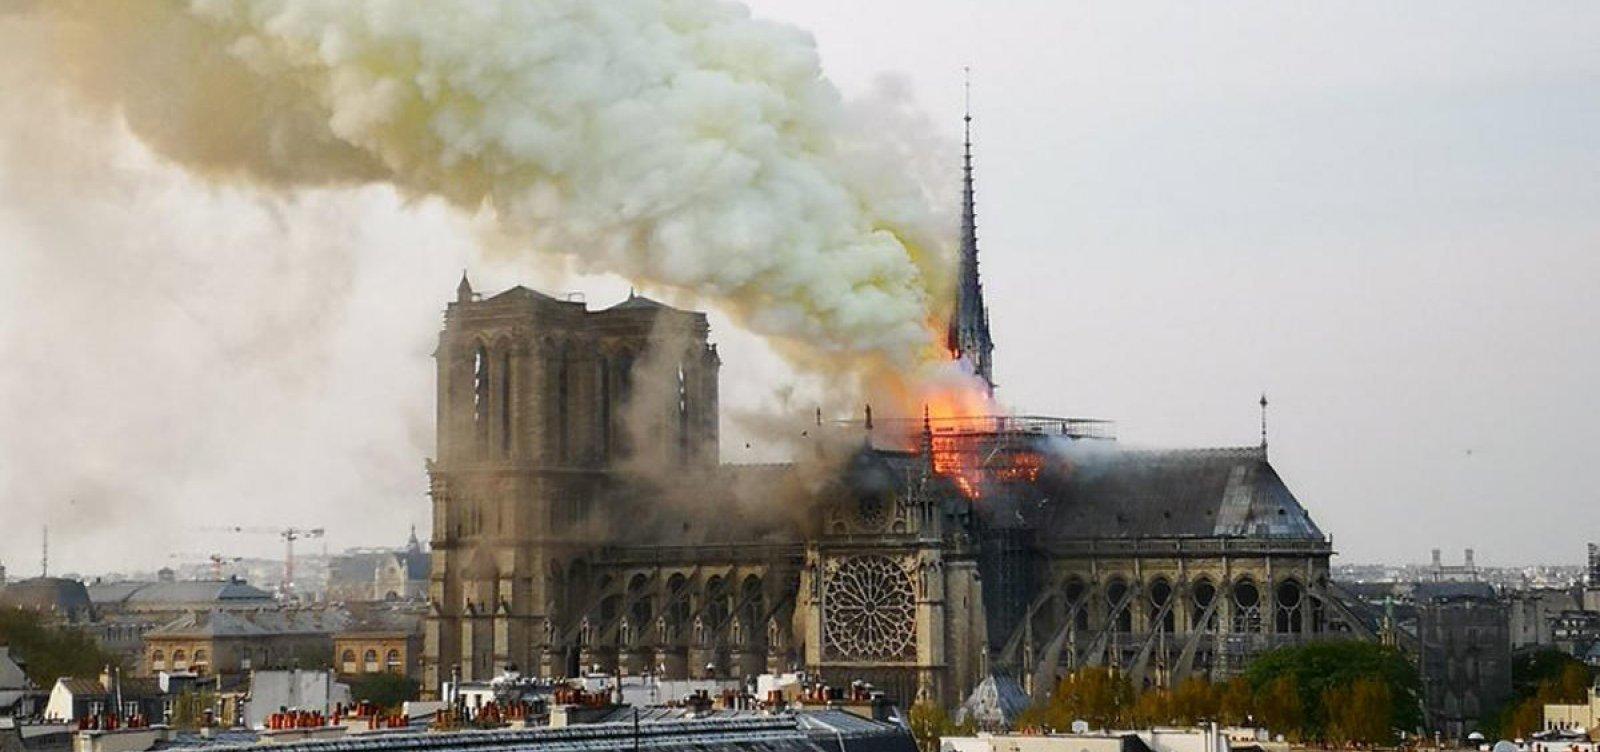 Promotores iniciam investigação sobre causas do incêndio em Notre-Dame